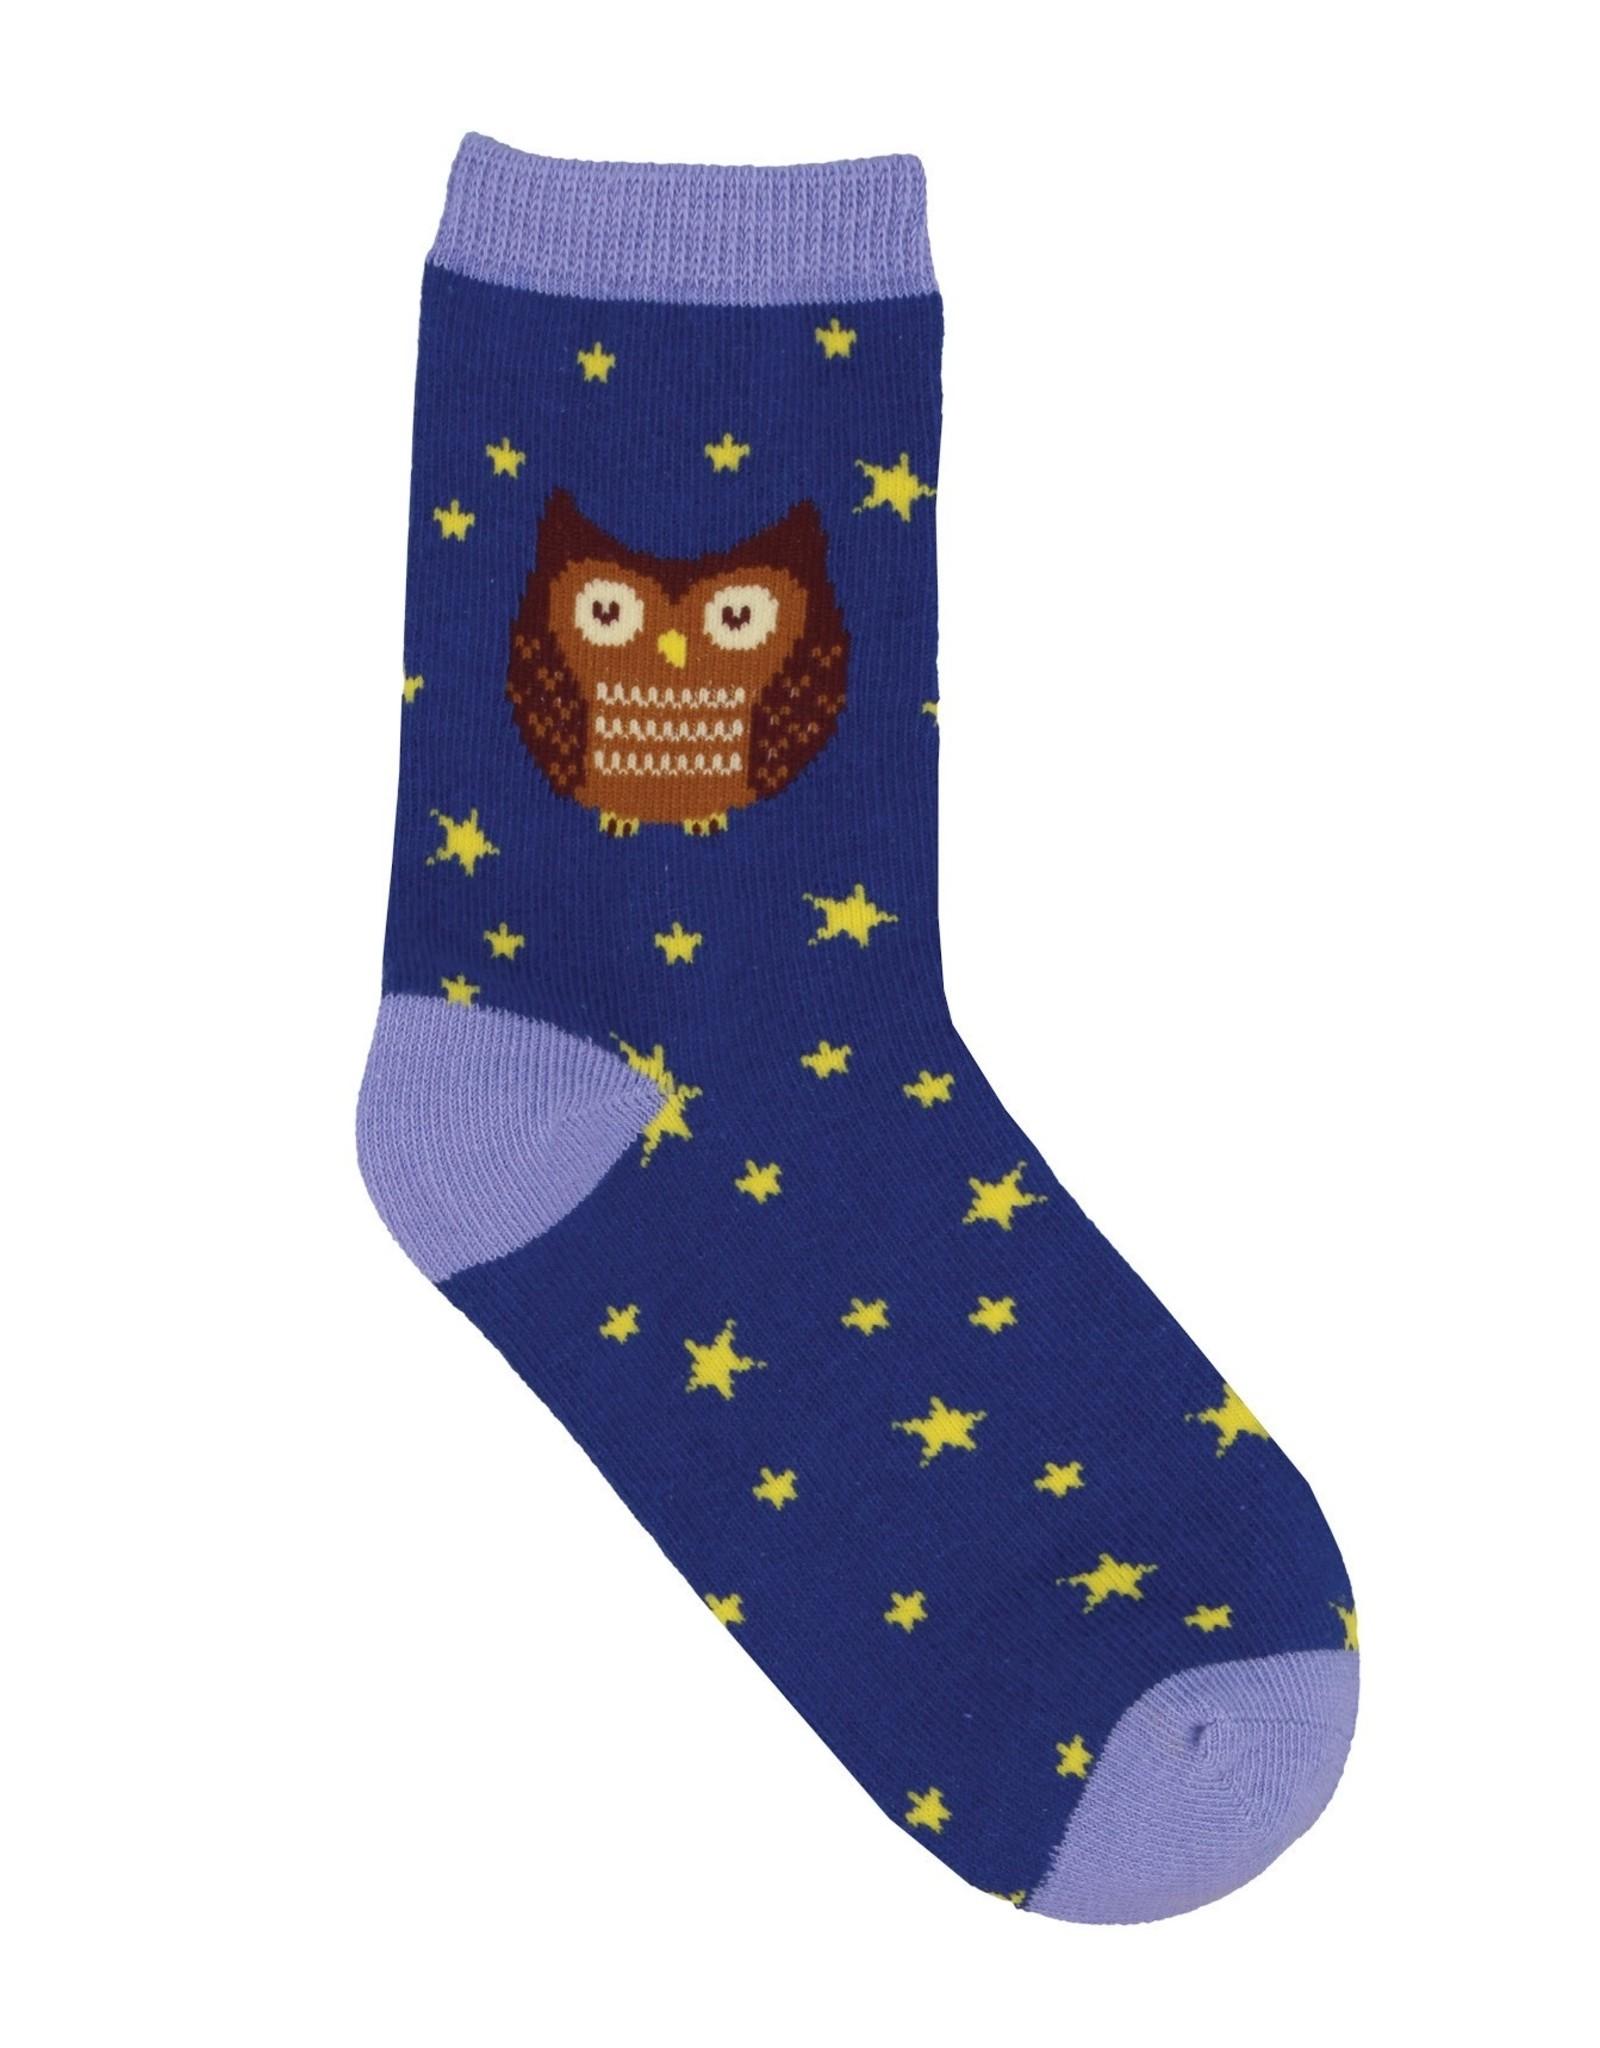 Sock Smith Owl socks